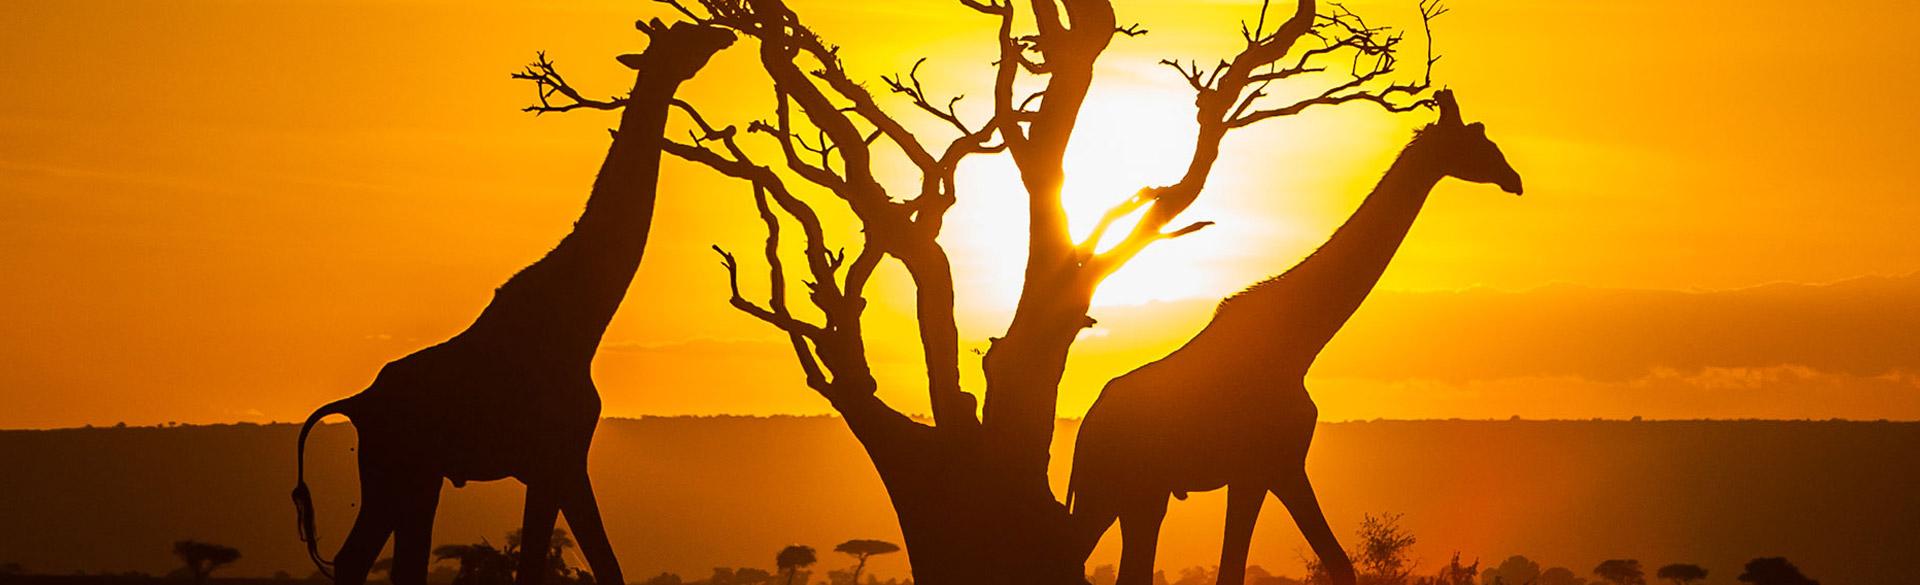 Kenya Itineraries